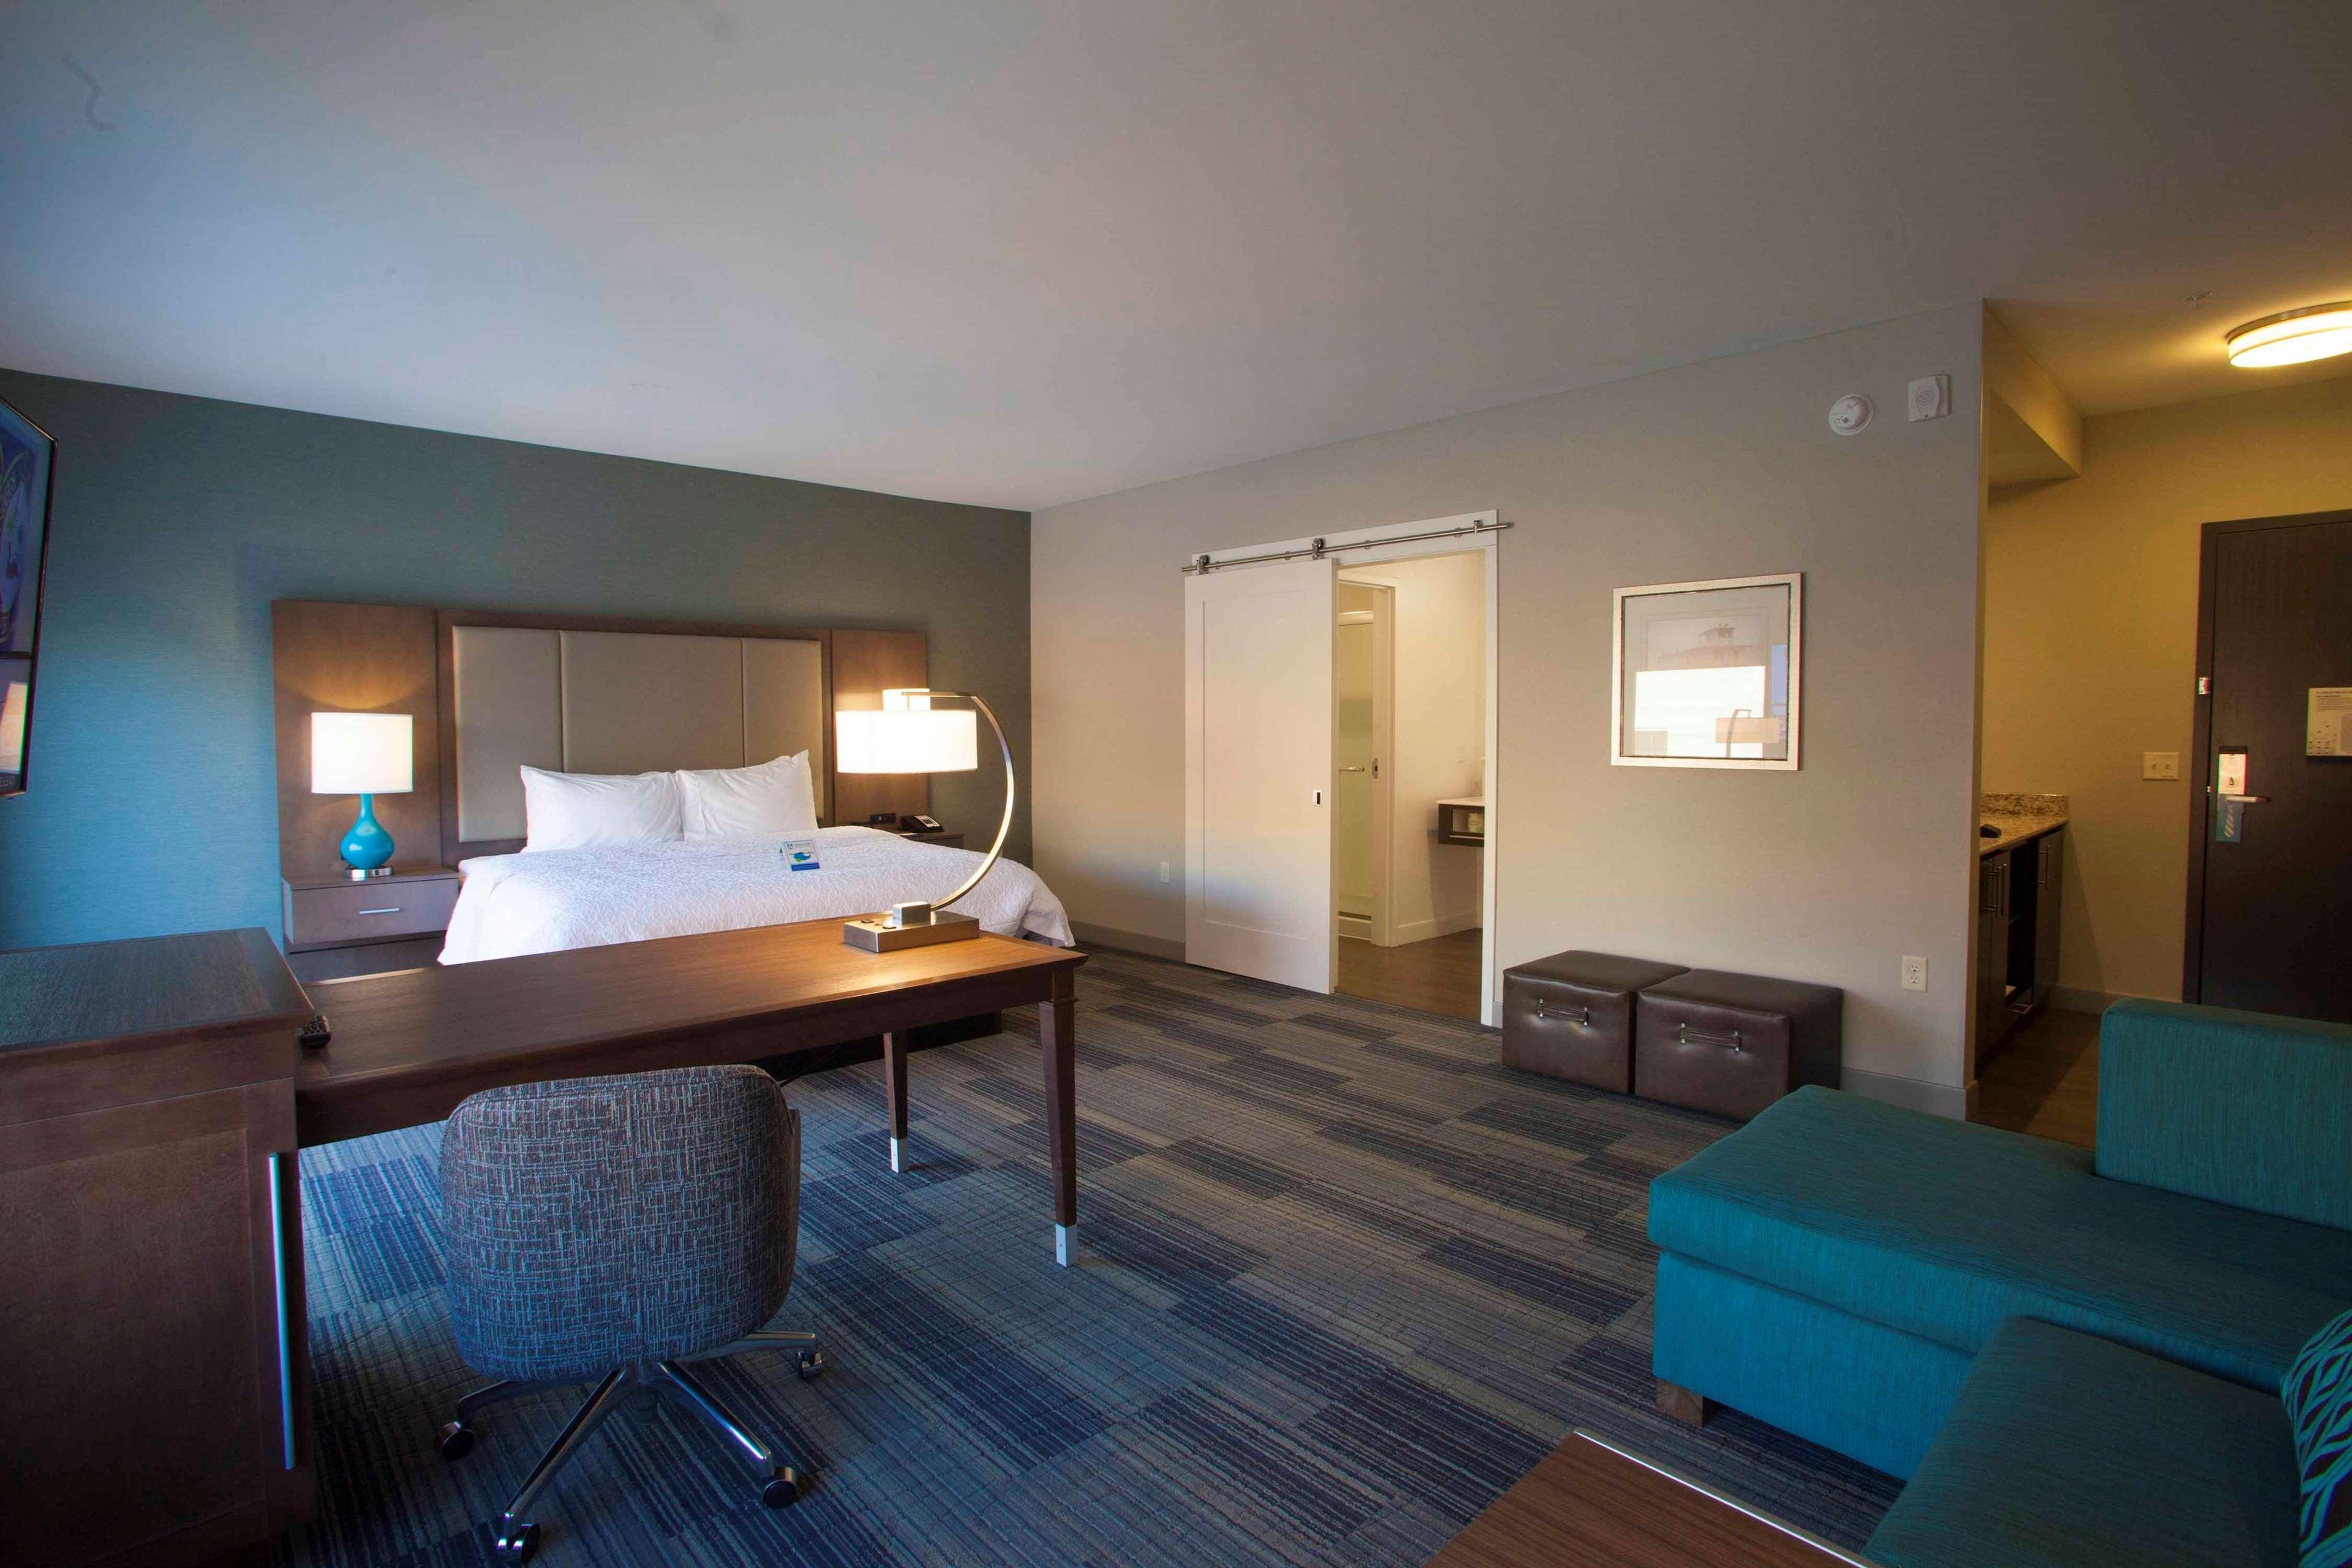 Hampton Inn & Suites Downtown St. Paul image 24